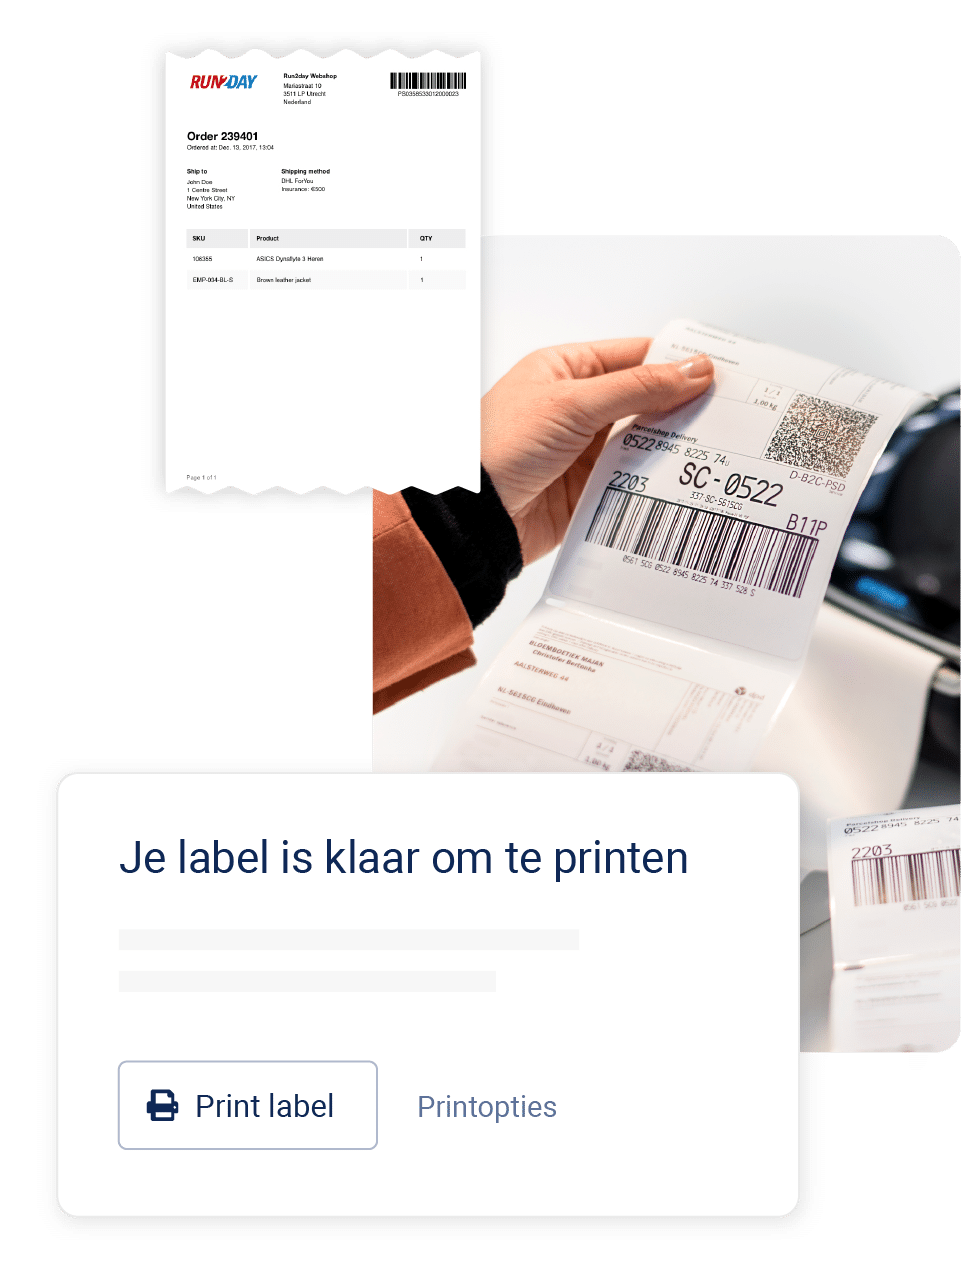 Sendcloud_gemakkelijk_pakbonnen_printen